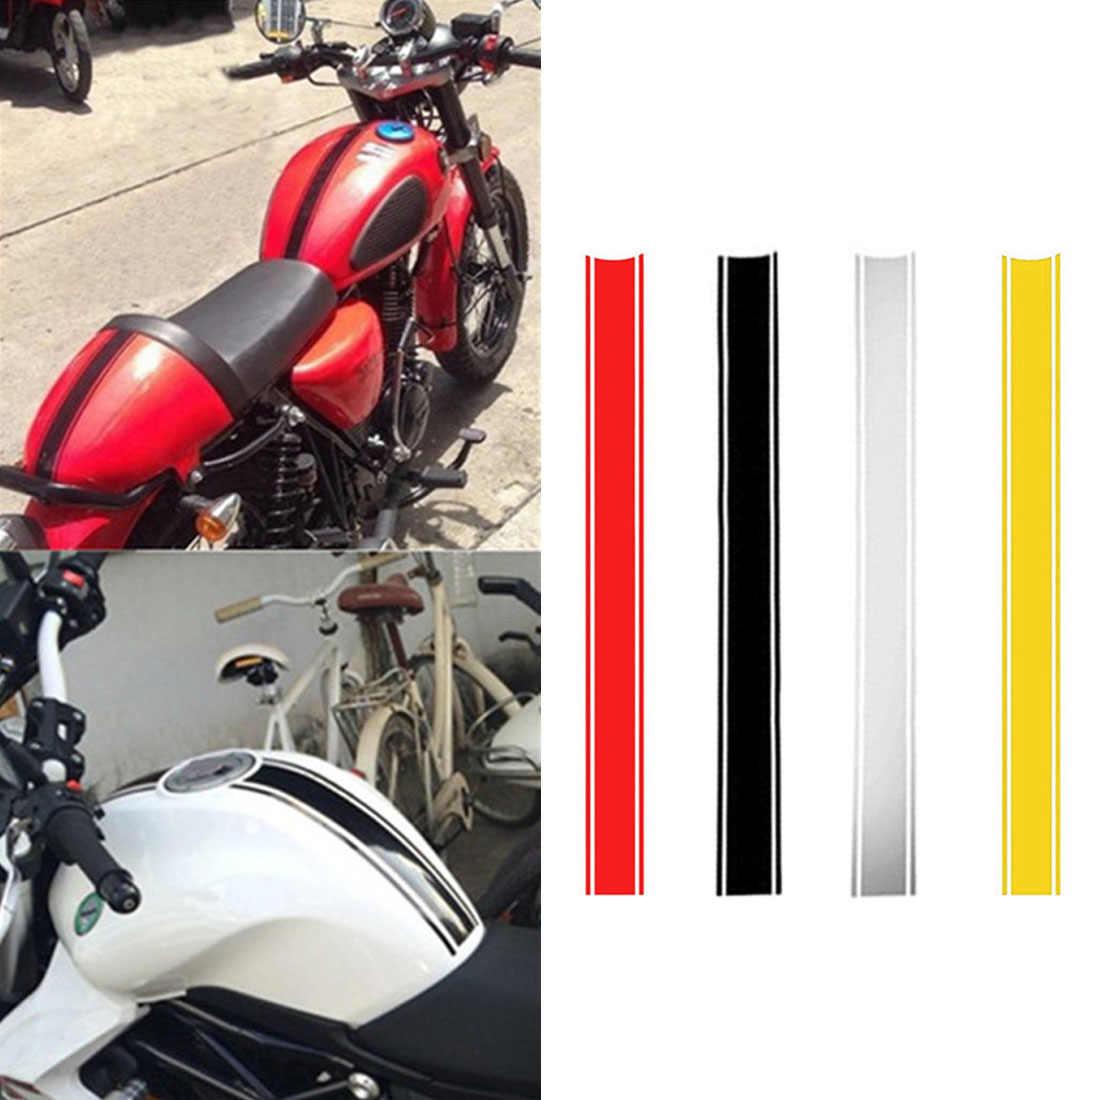 รถจักรยานยนต์สติกเกอร์สะท้อนแสงการใช้ถังน้ำมัน Pad สำหรับ HONDA CBR929RR CBR600RR CBR954RR CB1000R CRF230F SL230 XR400